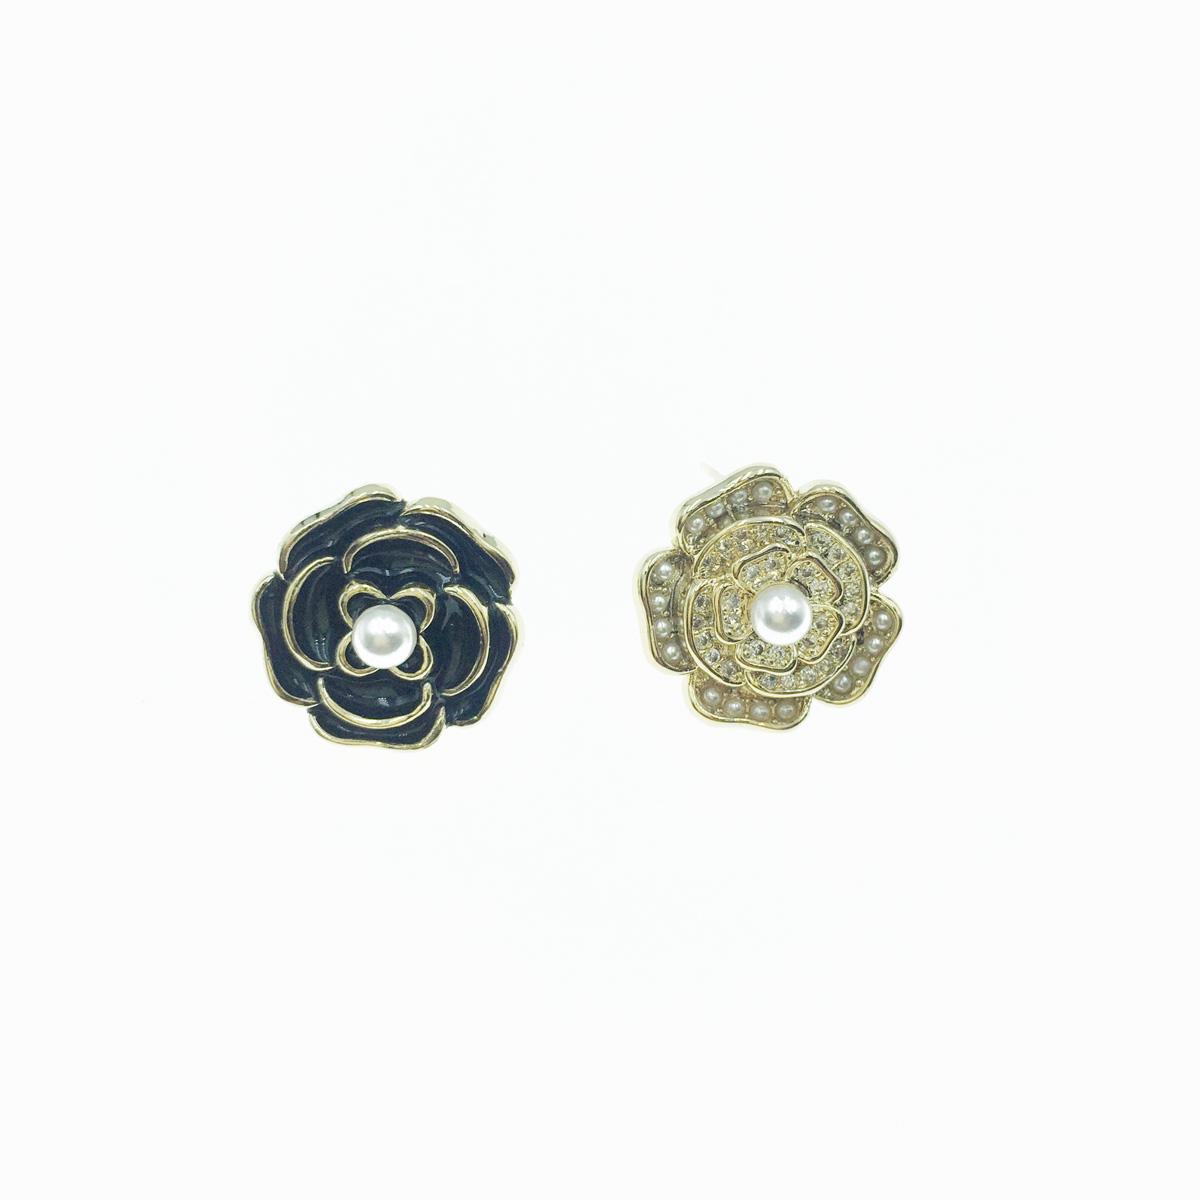 韓國 925純銀 黑花朵 珍珠 水鑽 不對稱 貼耳 耳針式 耳環